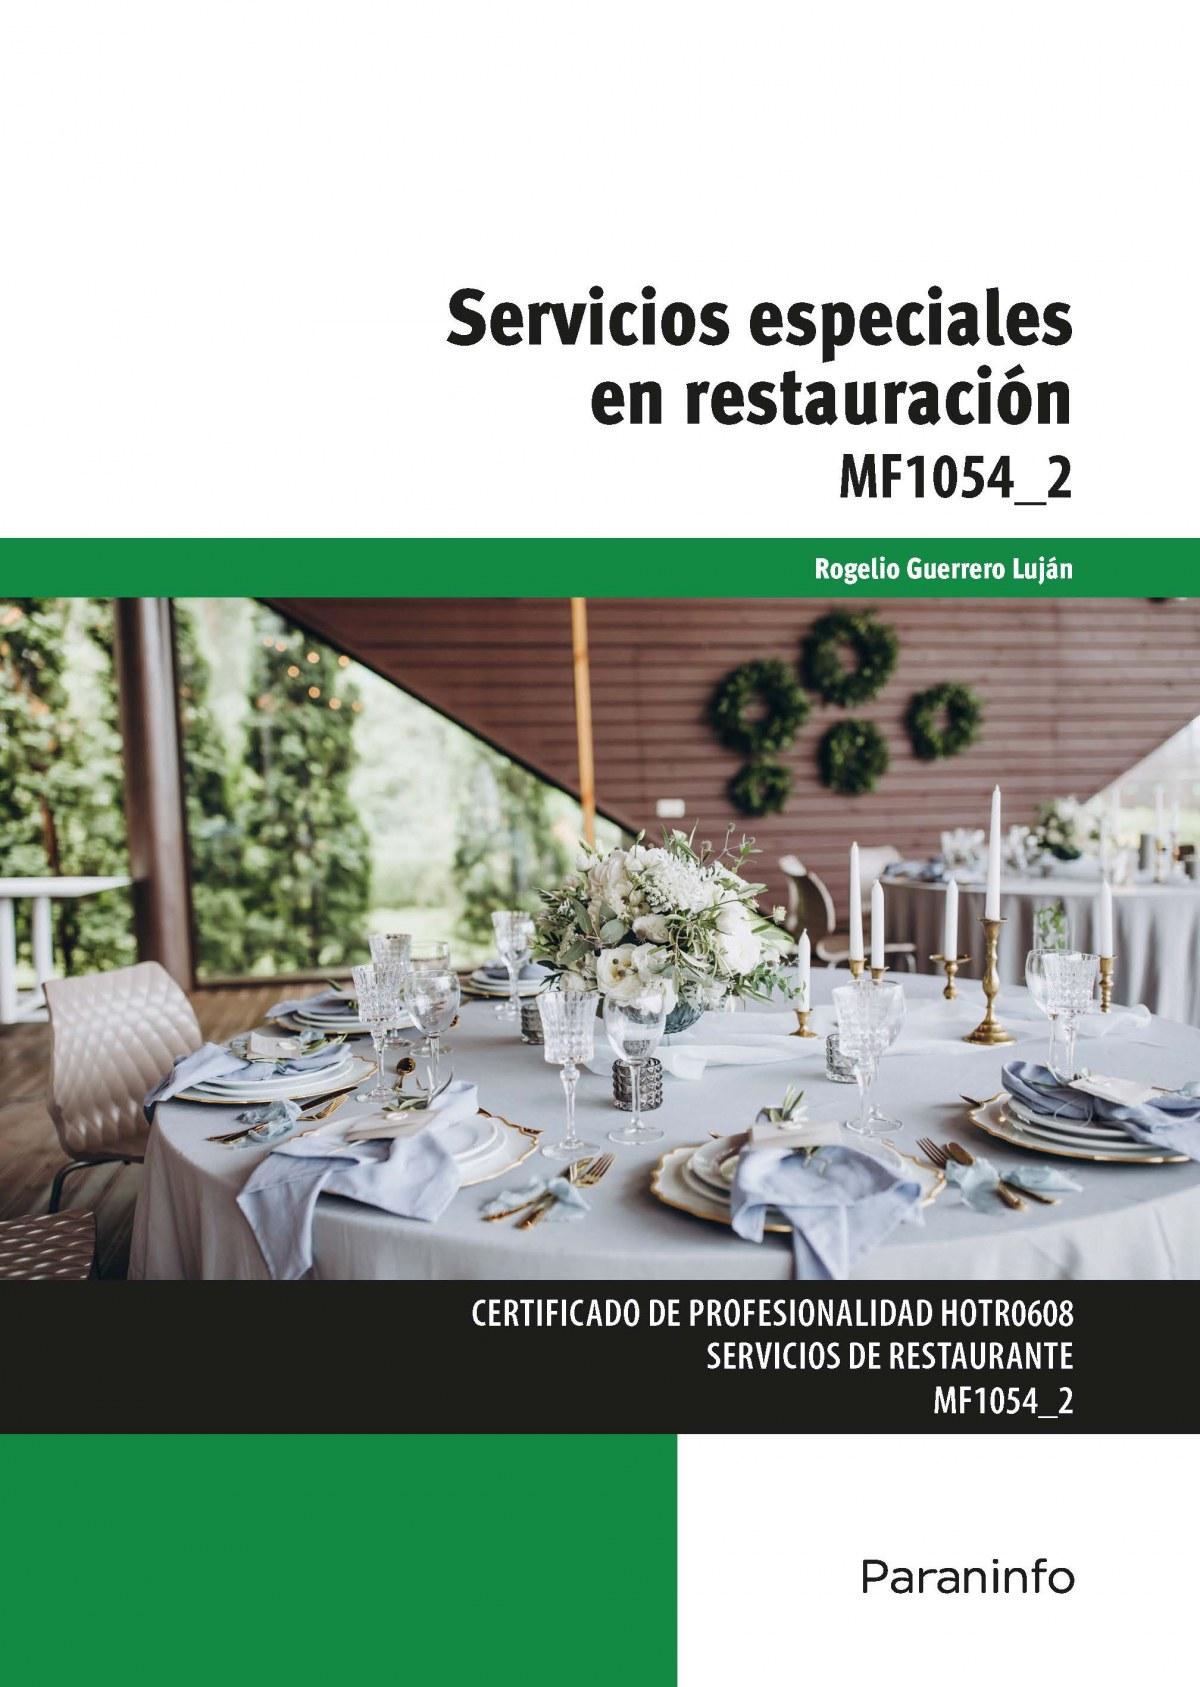 SERVICIOS ESPECIALES EN RESTAURACIÓN (MF1054-2)